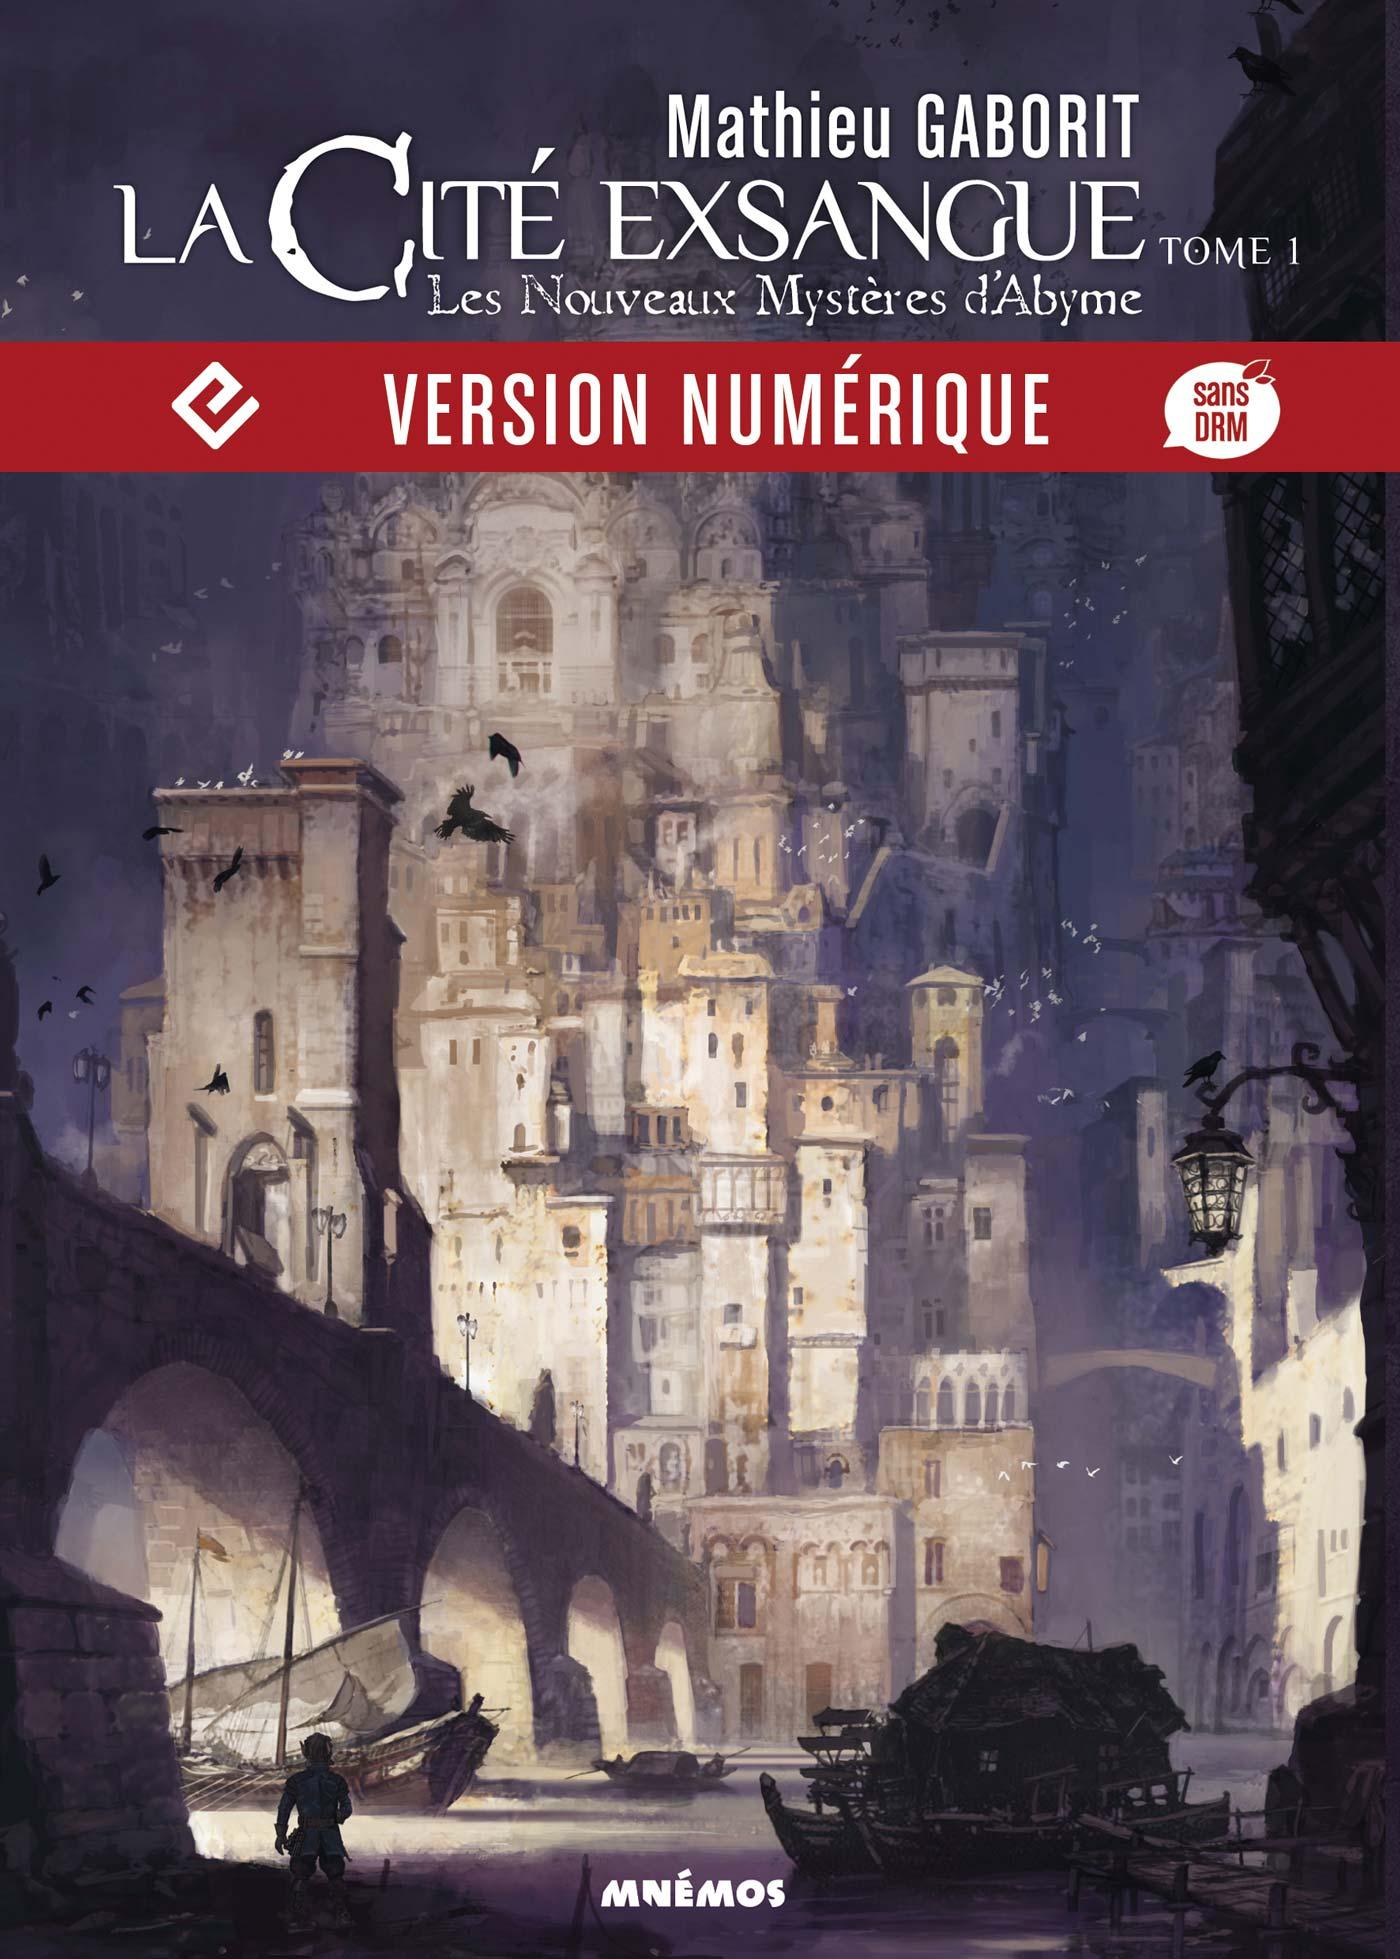 La Cité exsangue, tome 1